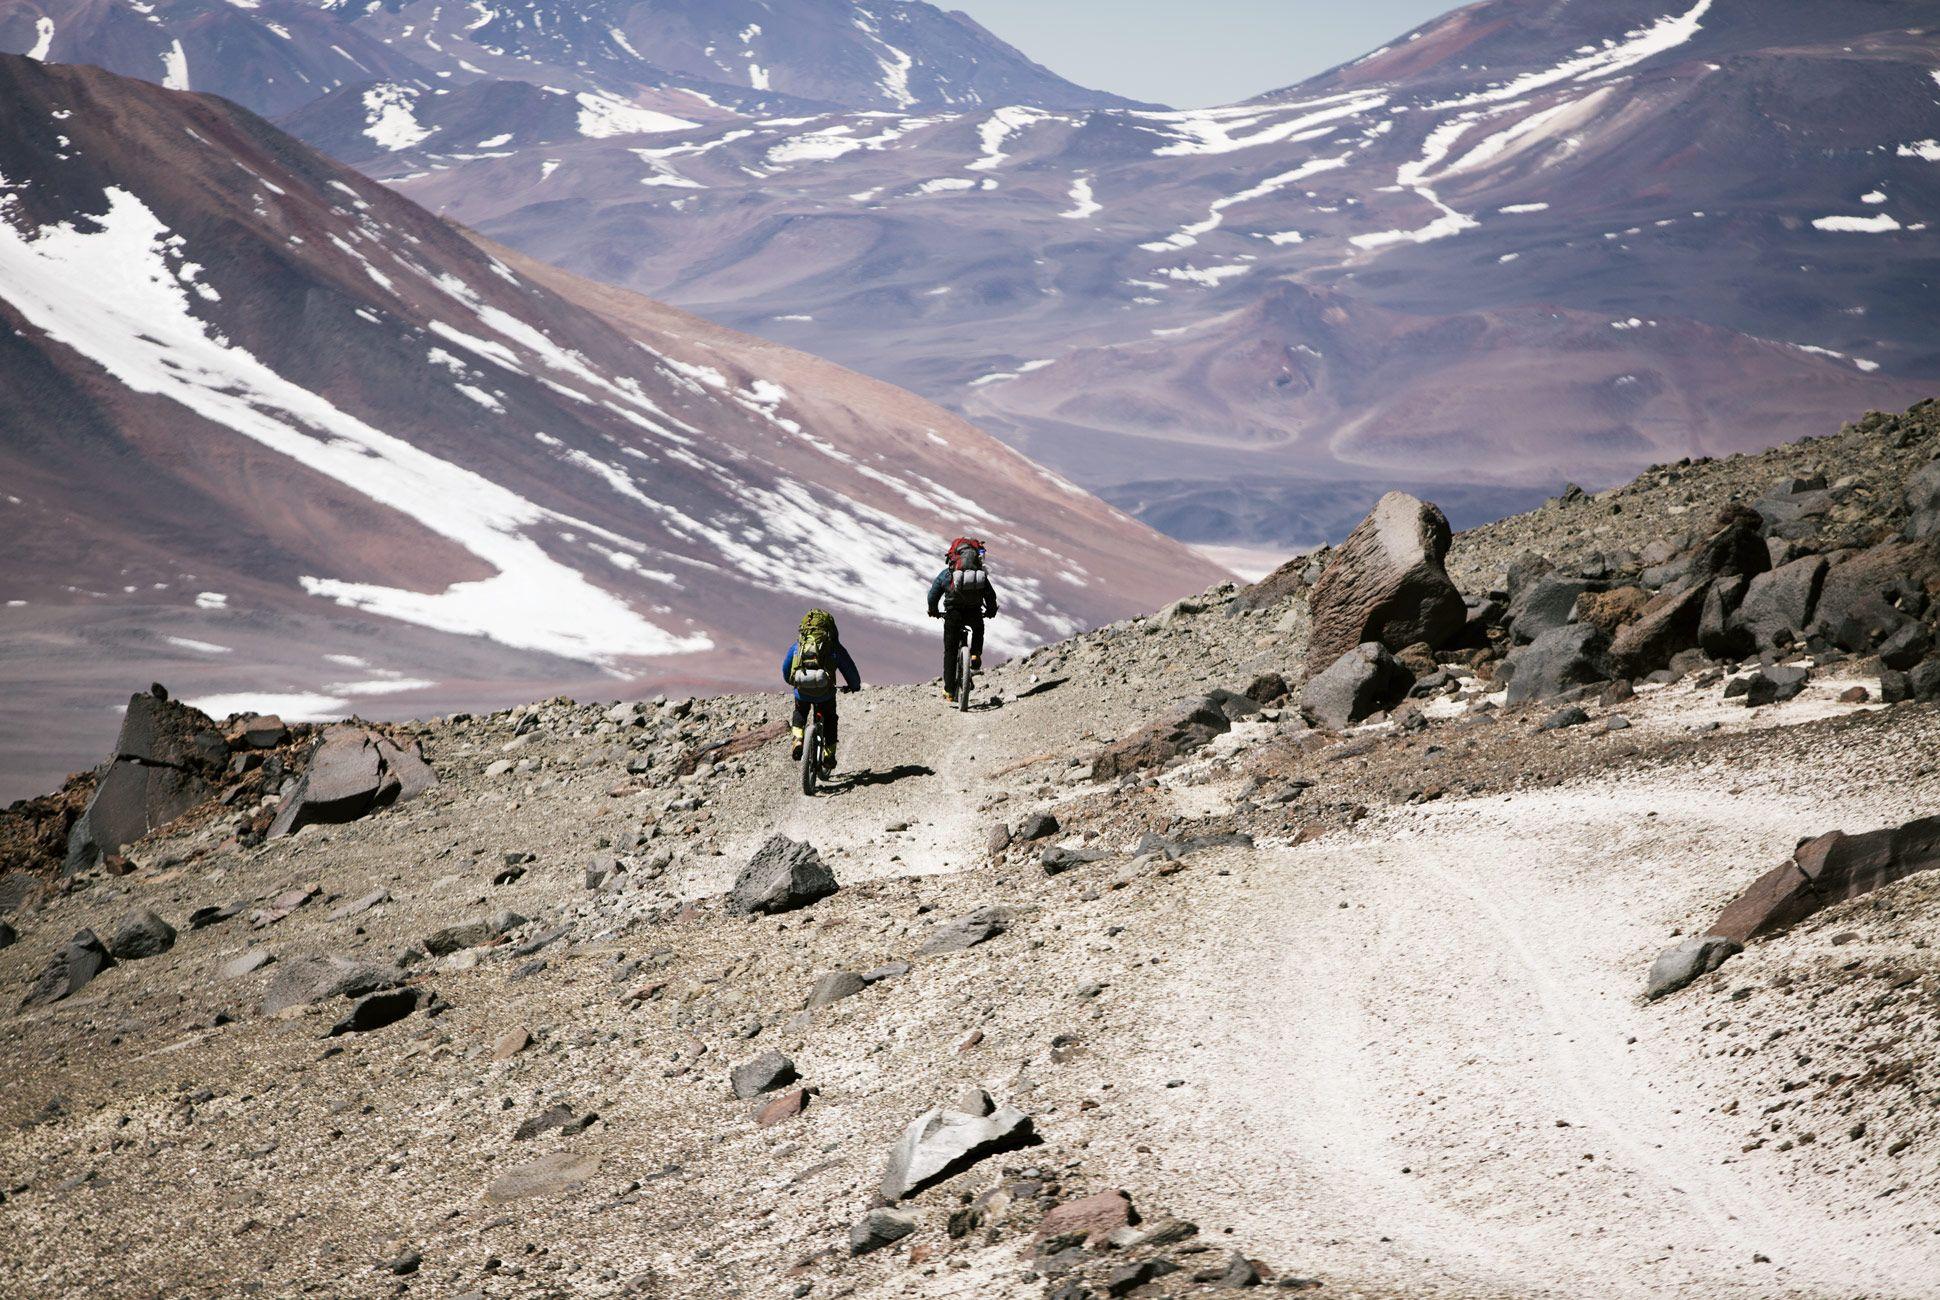 Volcano-Hike-Bike-Gear-Patrol-18